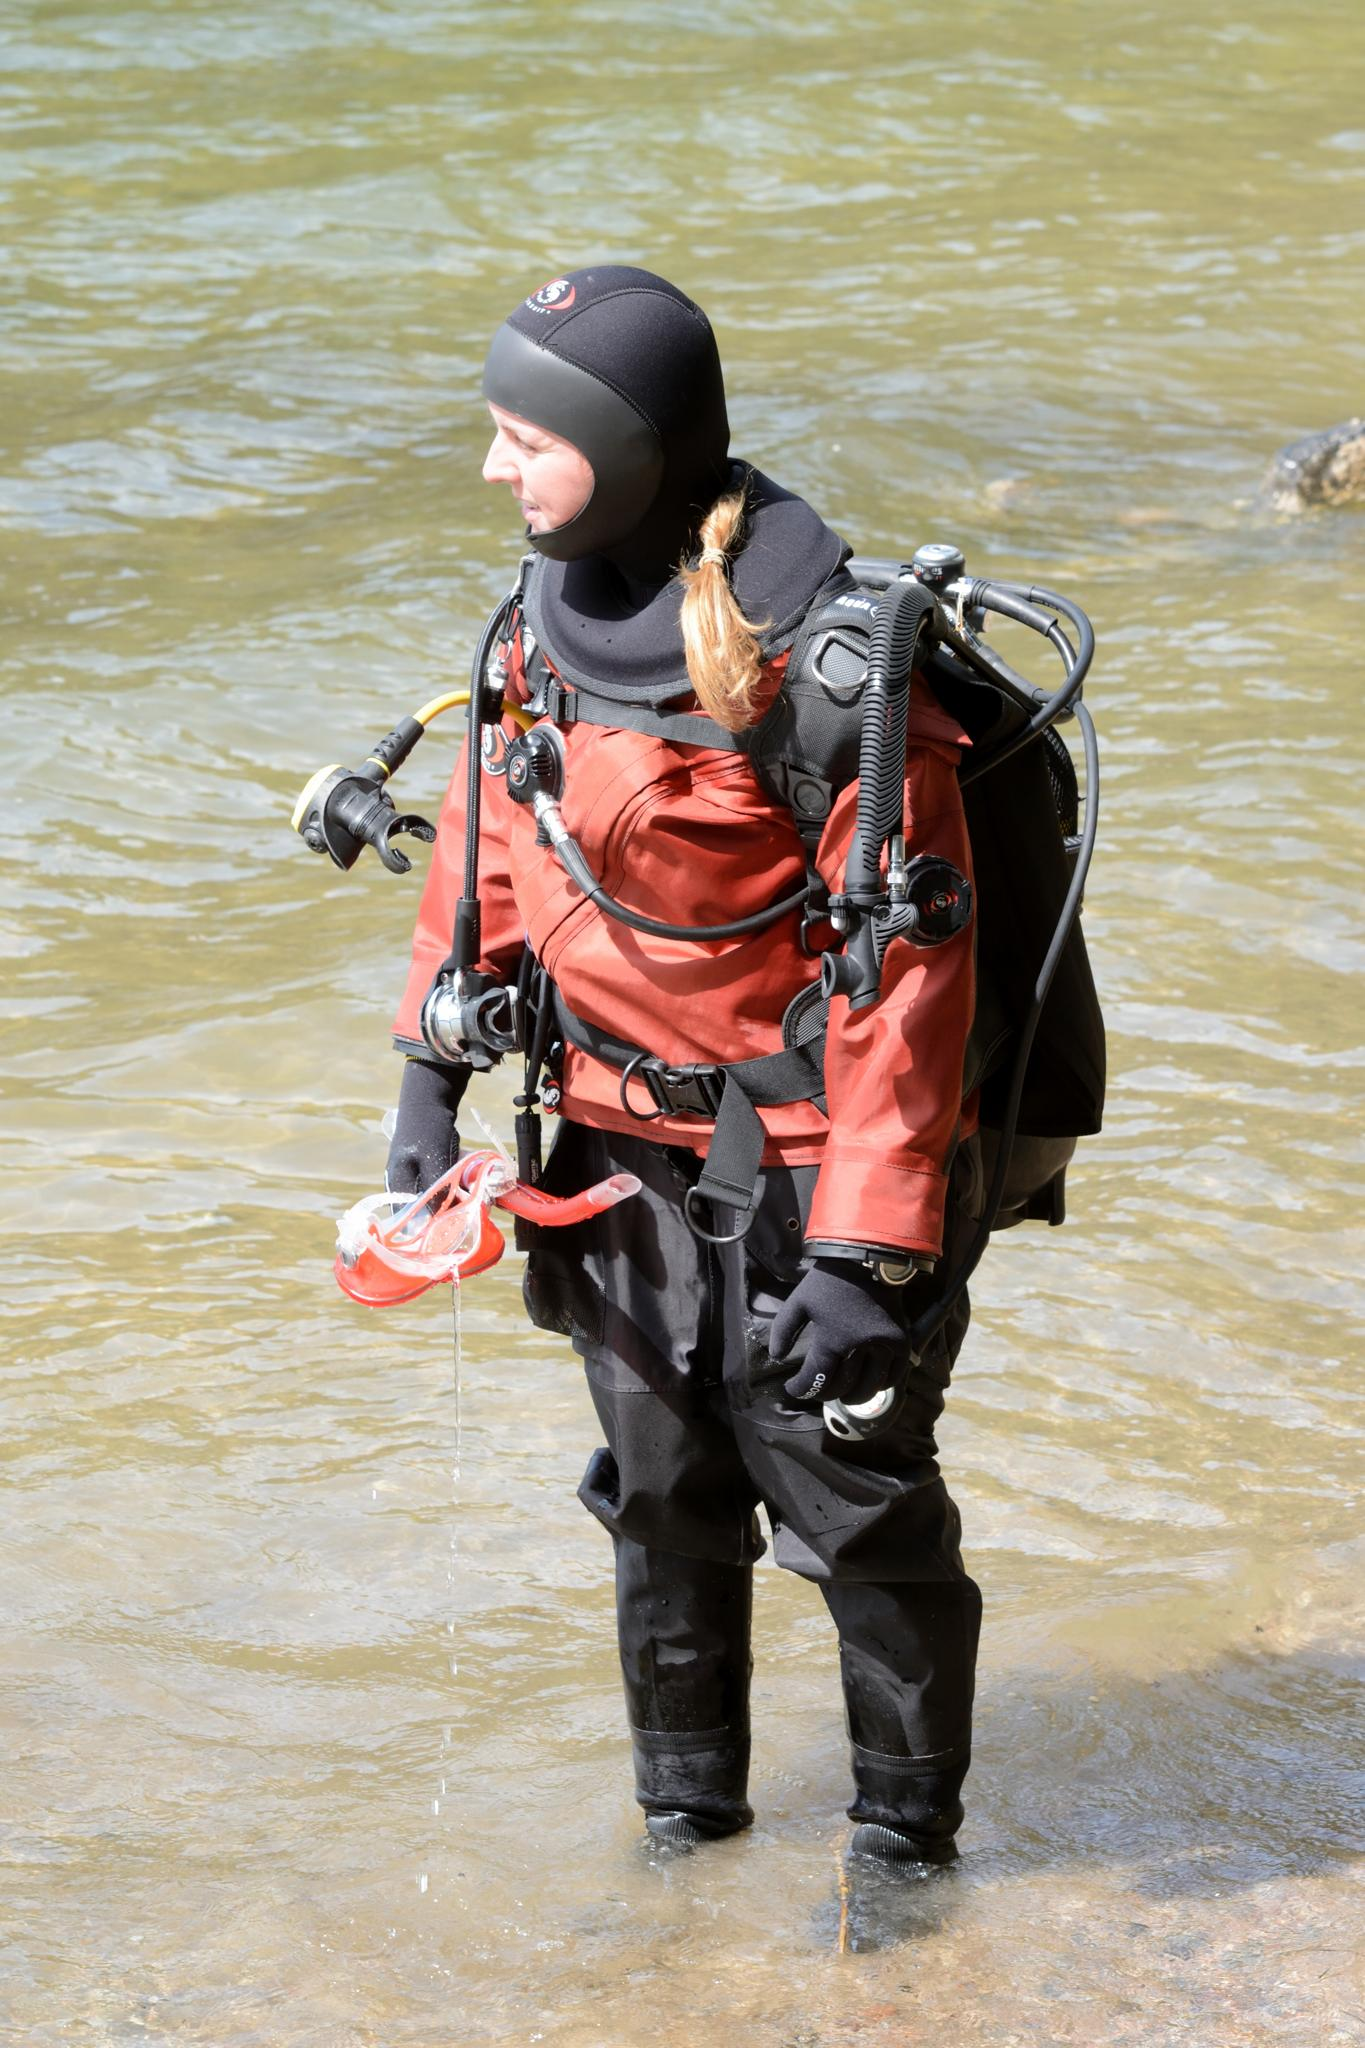 Rescue 004